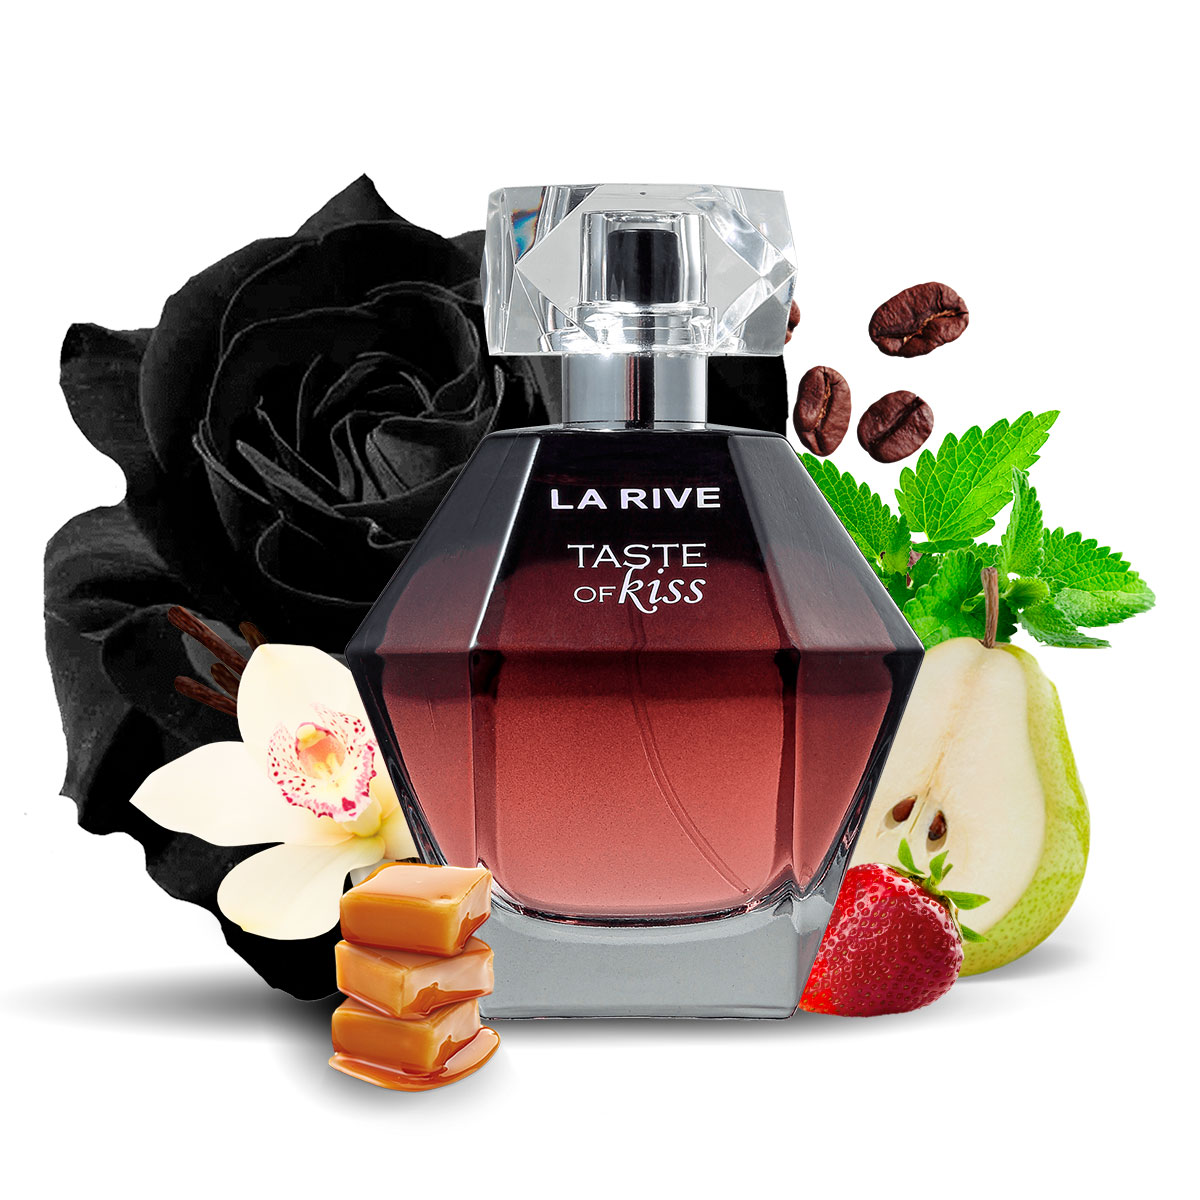 Kit 2 Perfumes Taste of Kiss e Eternal Kiss La Rive  - Mercari Perfumes